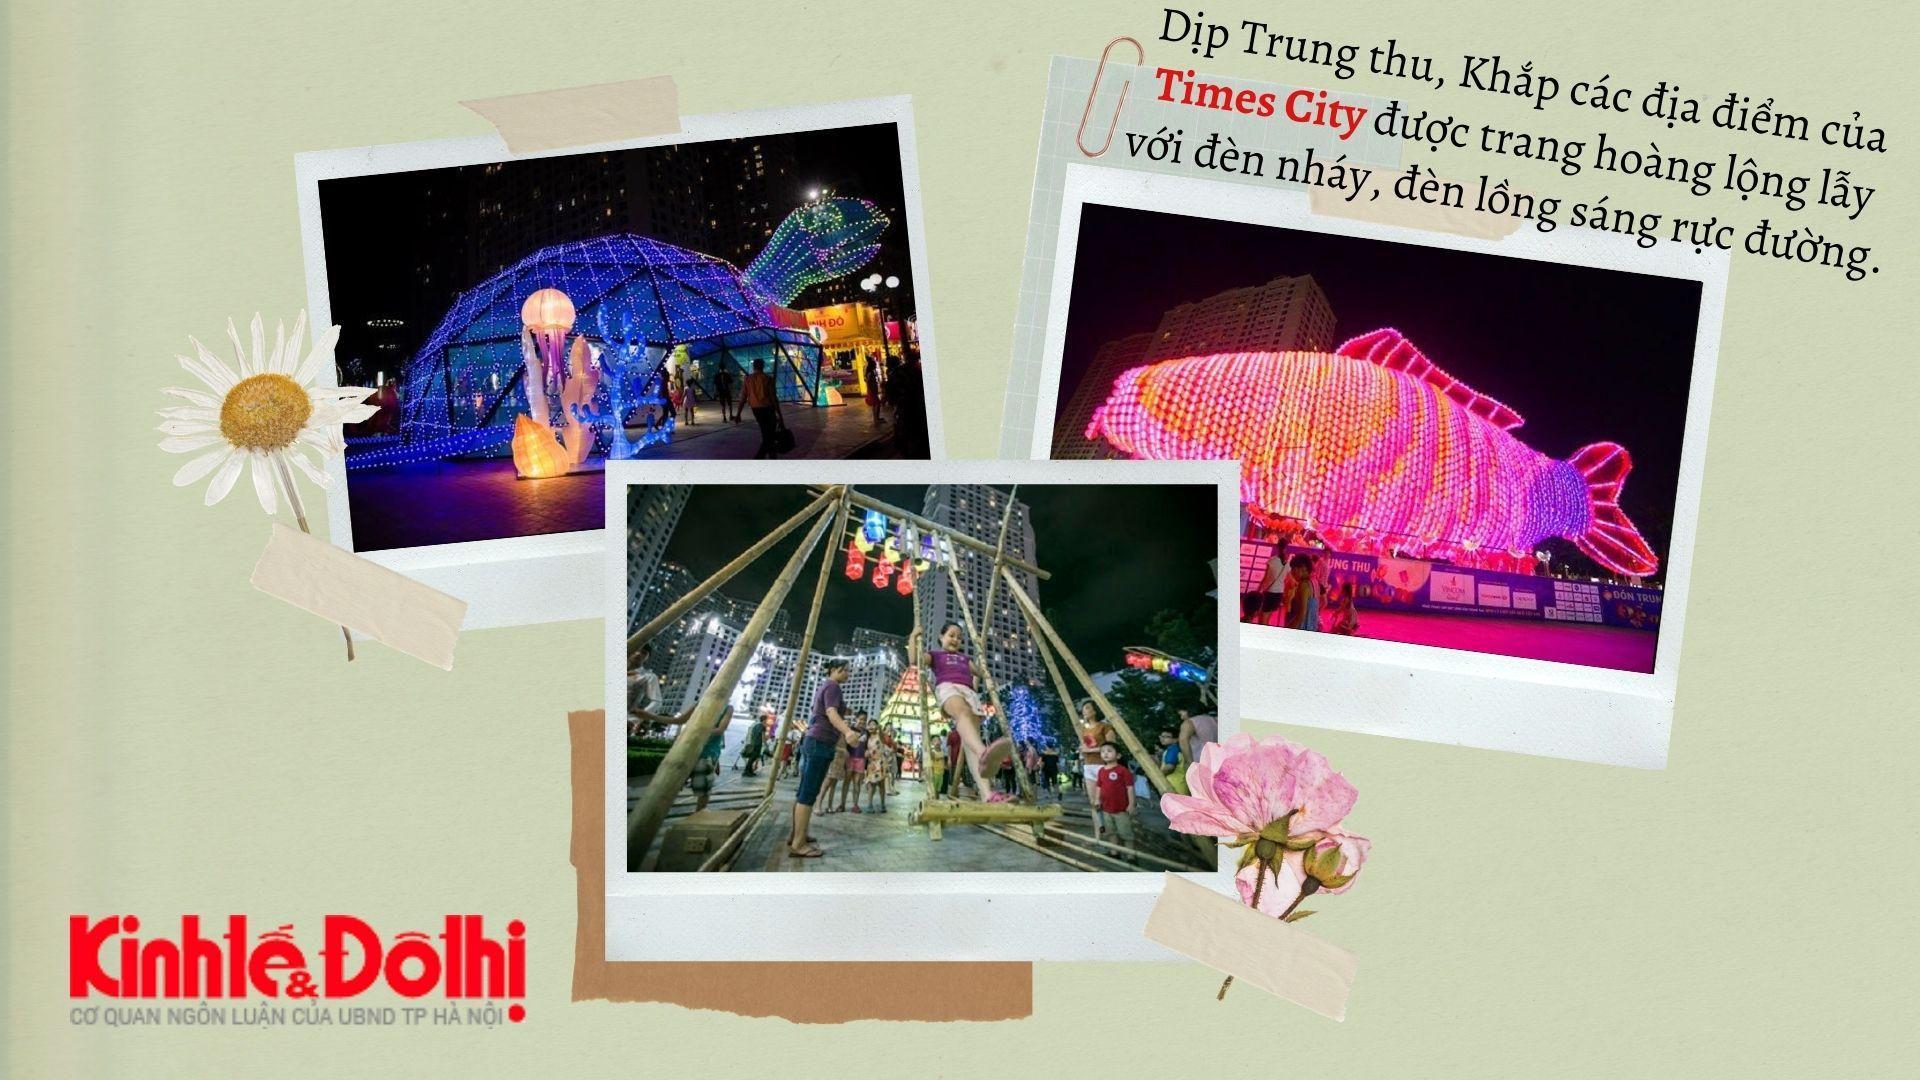 Những địa điểm đi chơi Trung thu thú vị nhất ở Hà Nội Ảnh 9